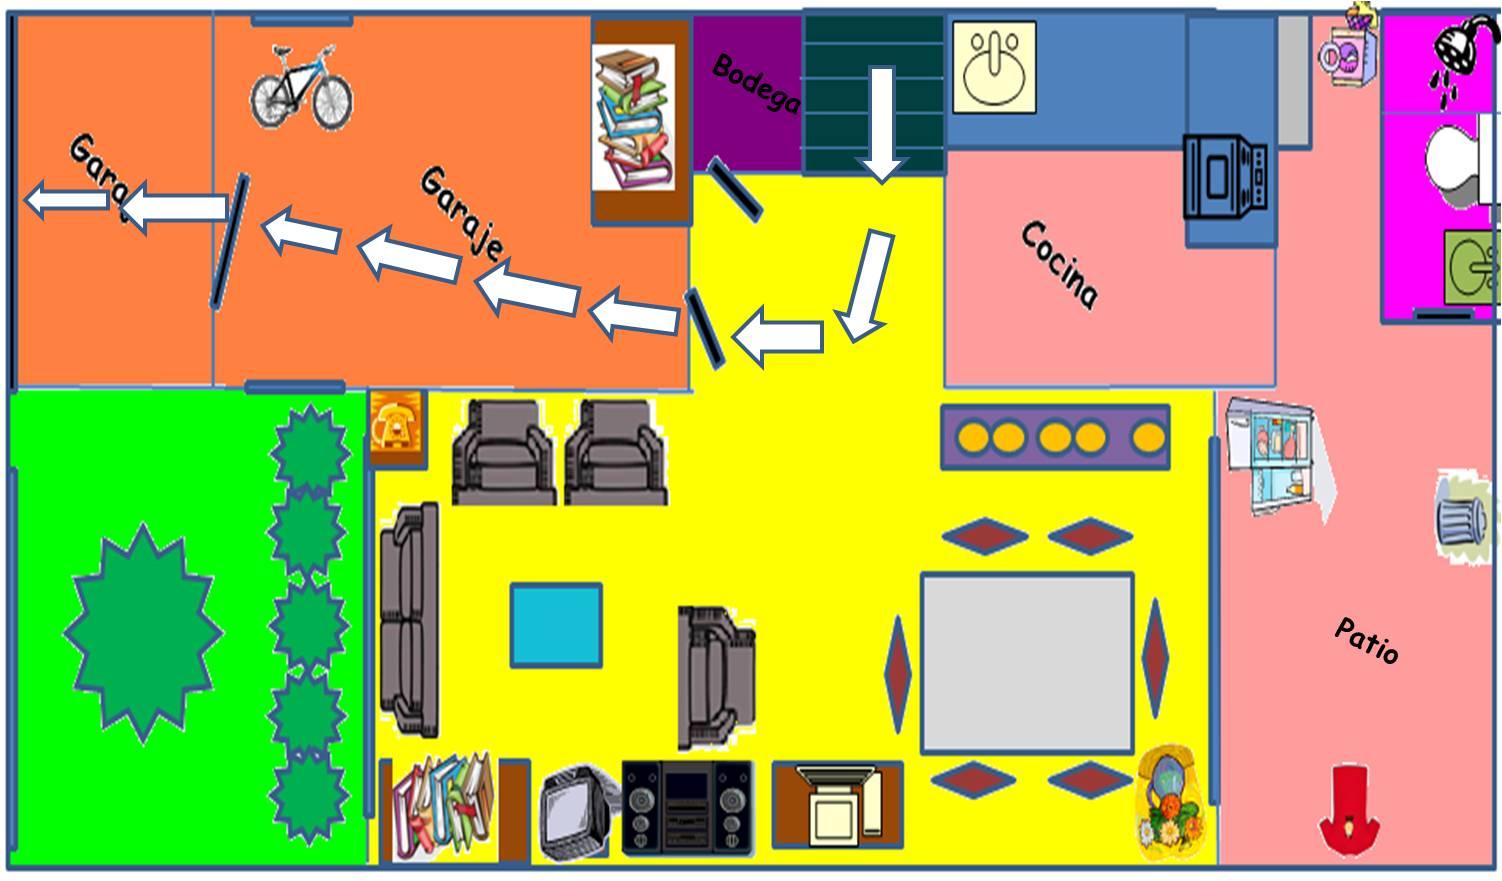 Primeros auxilios y prevenci n de desastres mapa de mi casa - Hacer plano de mi casa ...